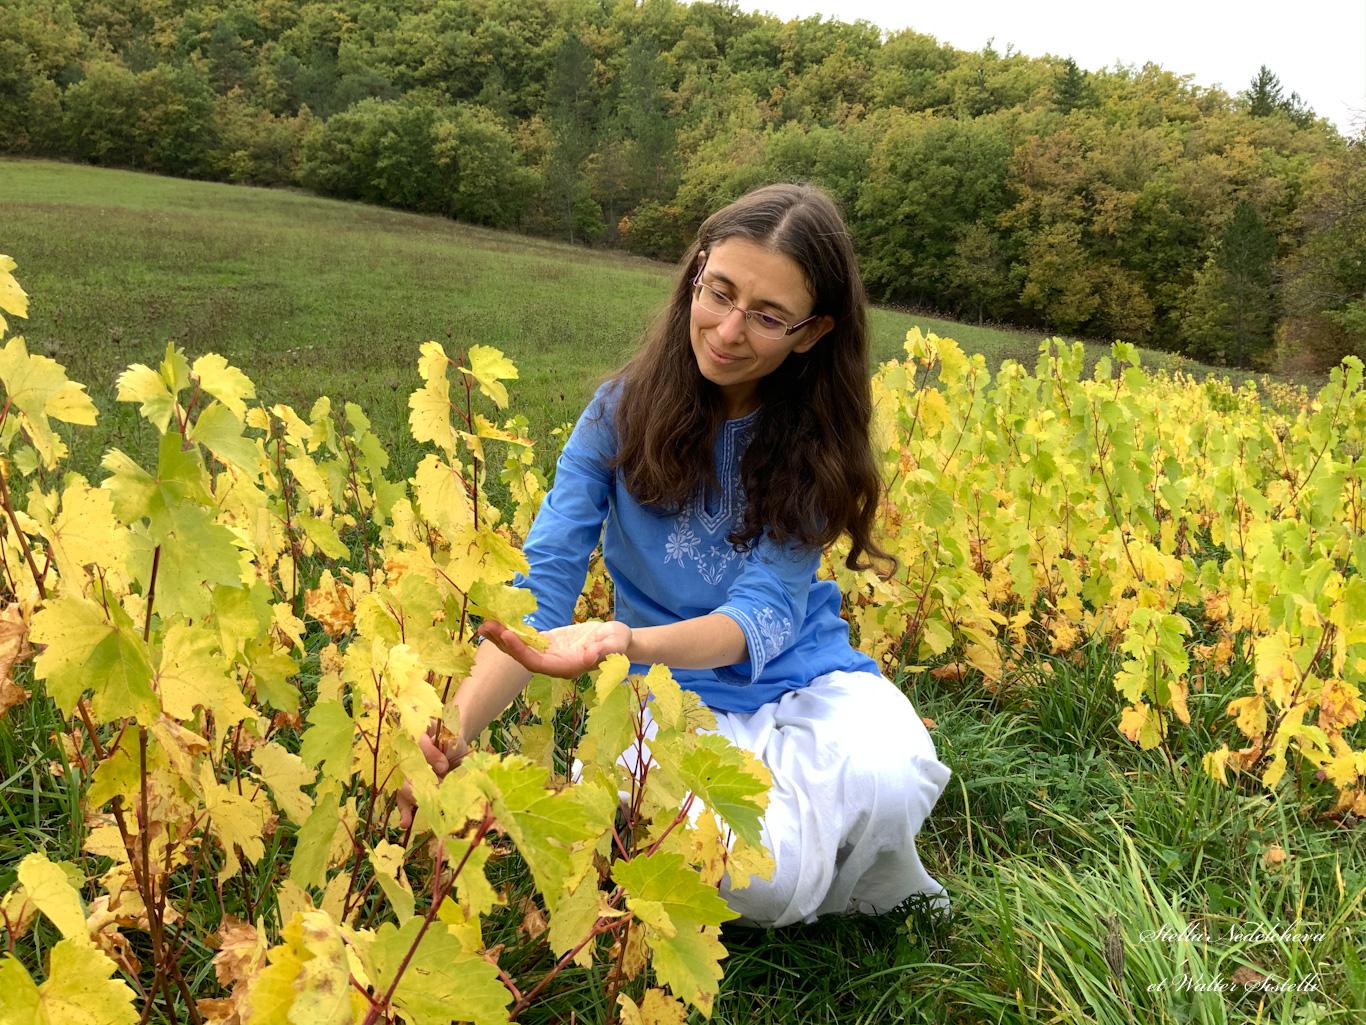 Jeune femme contemplant des feuilles de vignes en automne